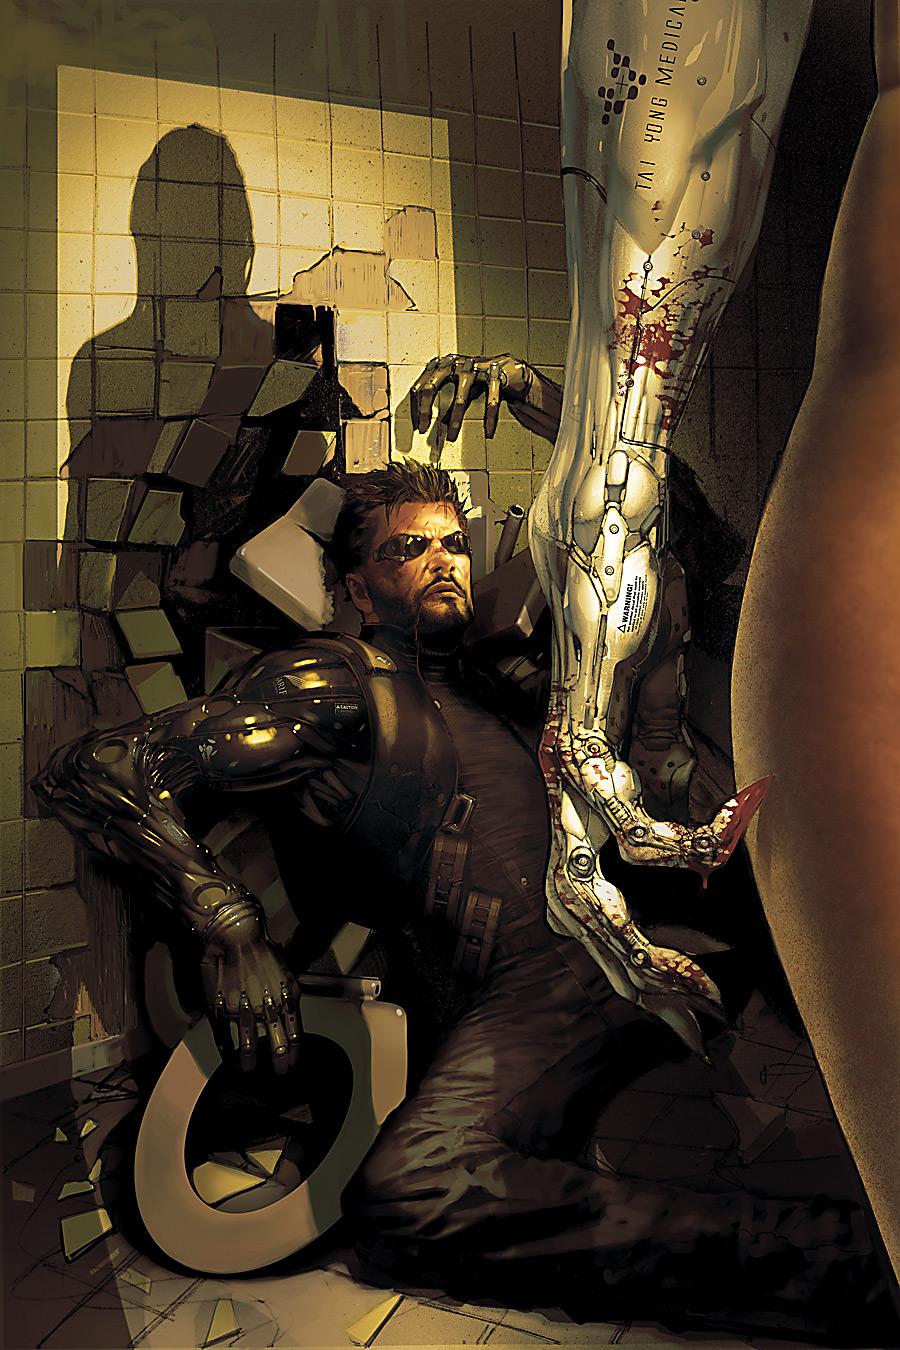 Deus Ex: Human Revolution - The Ghost in the Machine